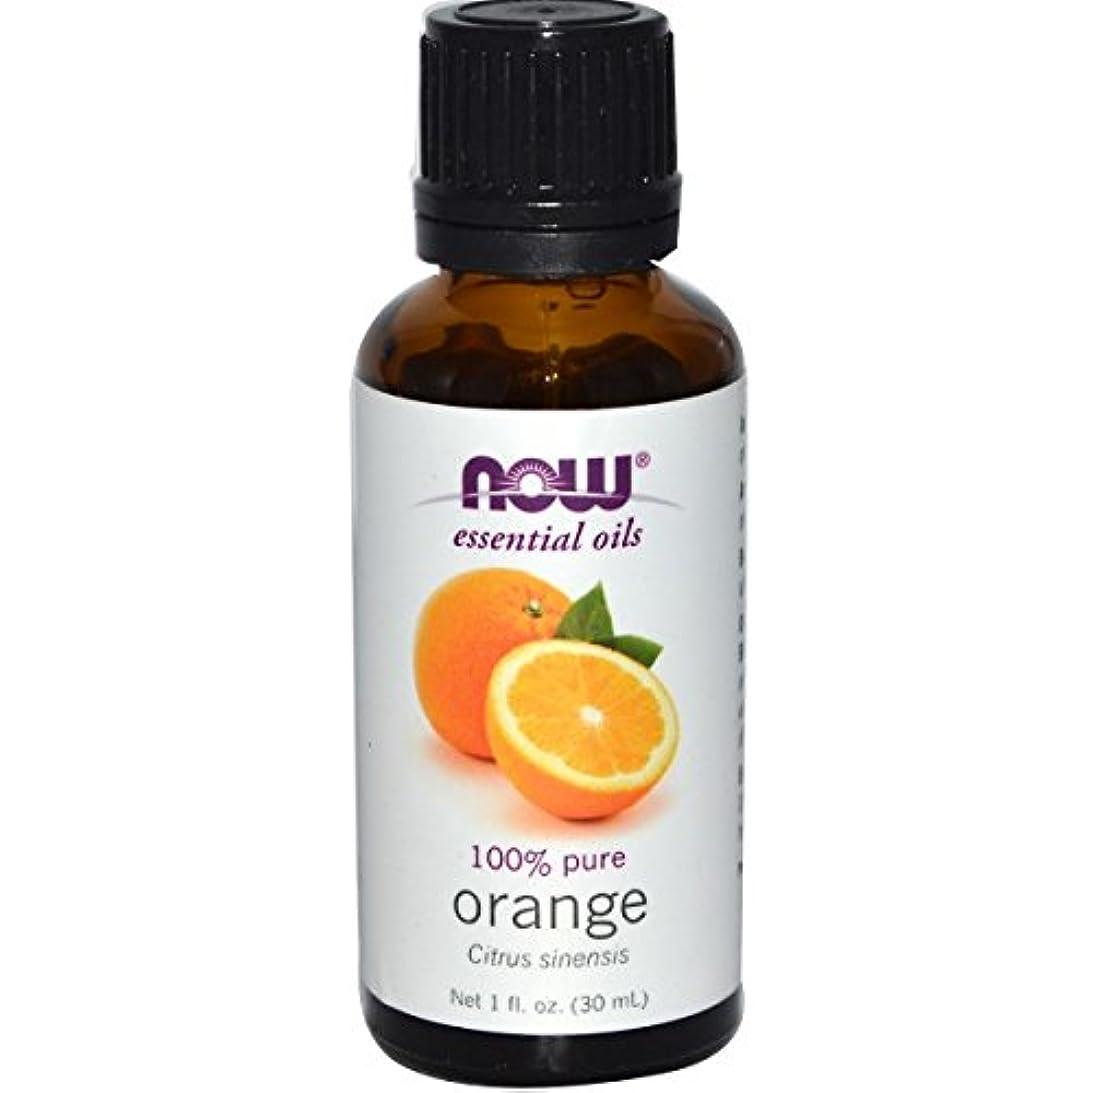 明らかにするルアーにぎやかNOWエッセンシャルオイル オレンジ精油 アロマオイル 30ml 【正規輸入品】